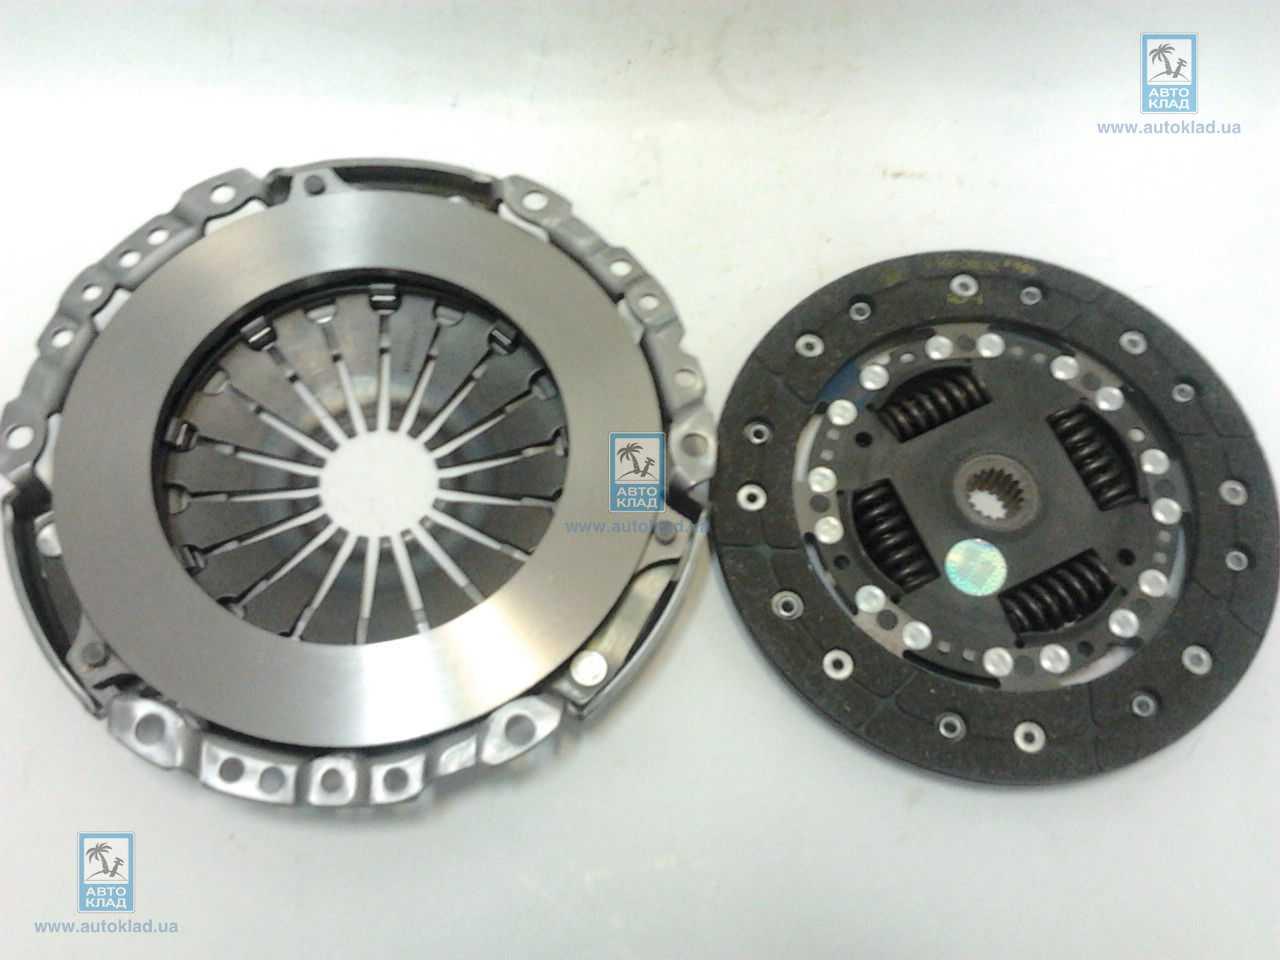 Комплект сцепления LUK 620331509